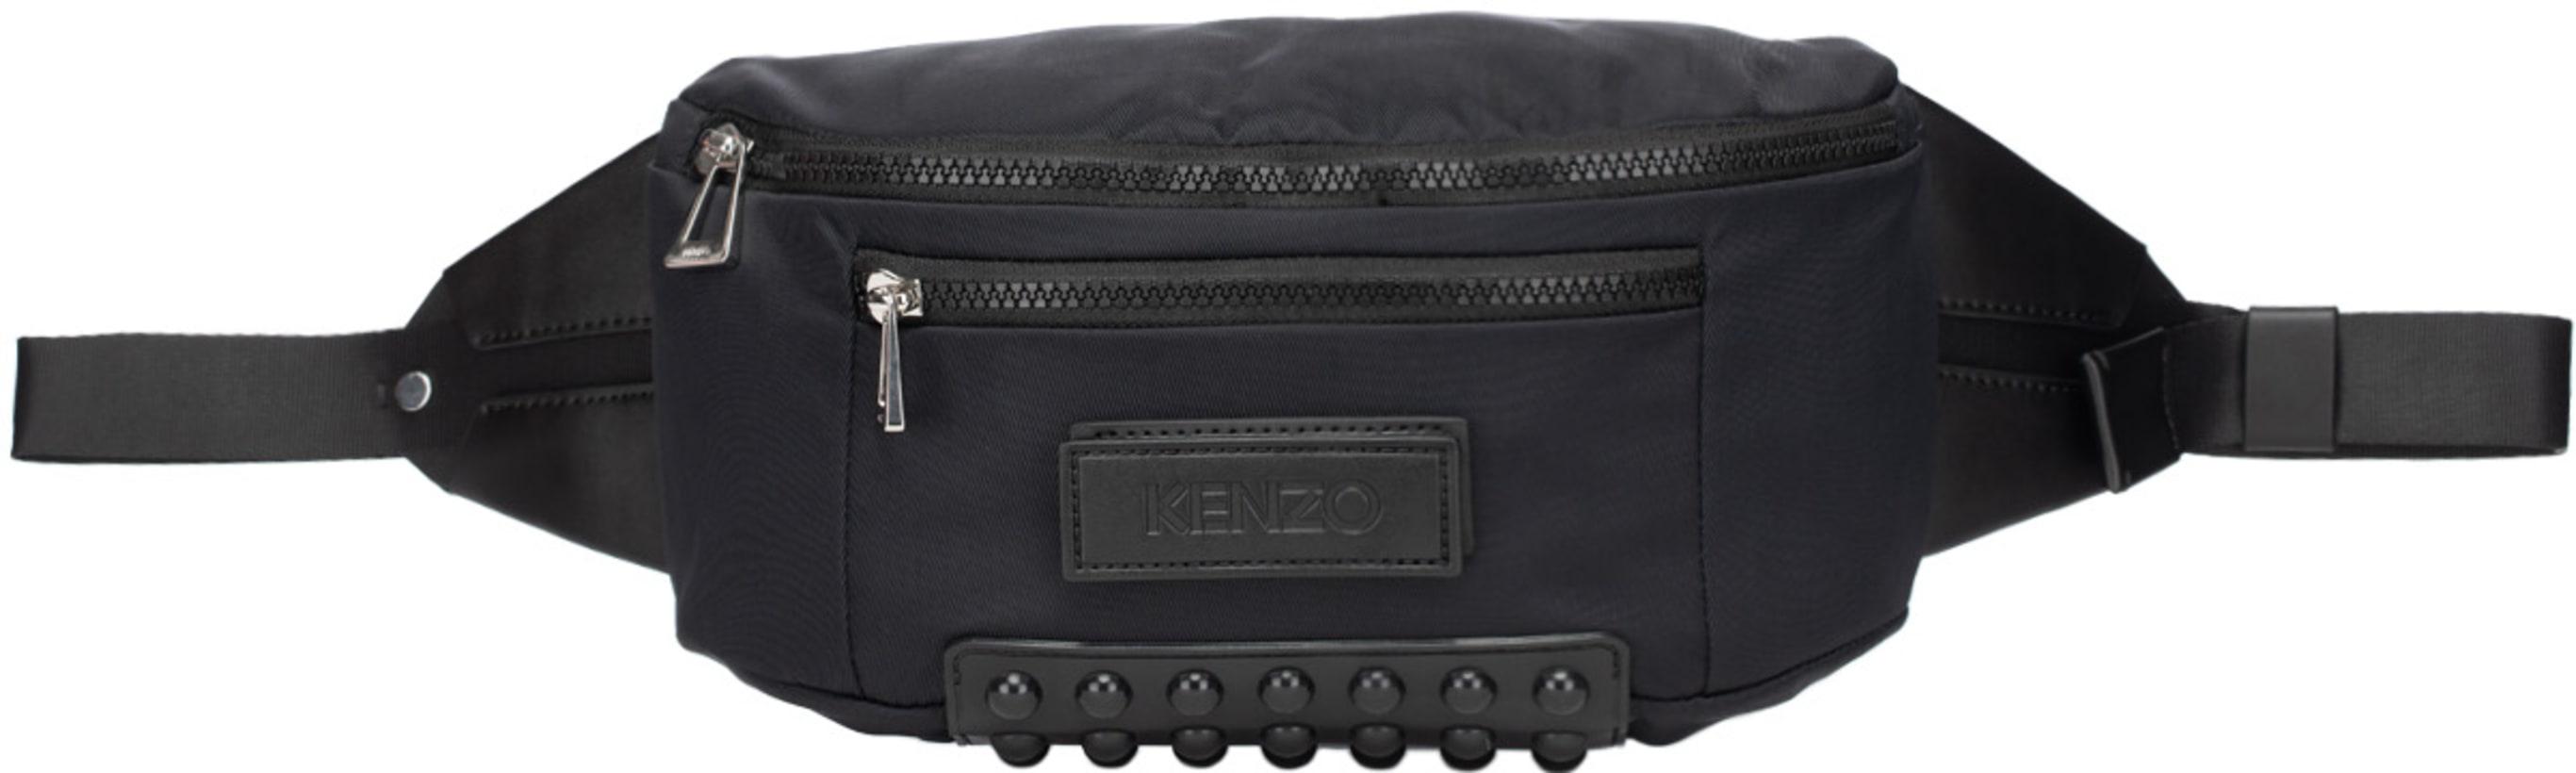 de5812879c Kenzo - Tarmac Bumbag - Black